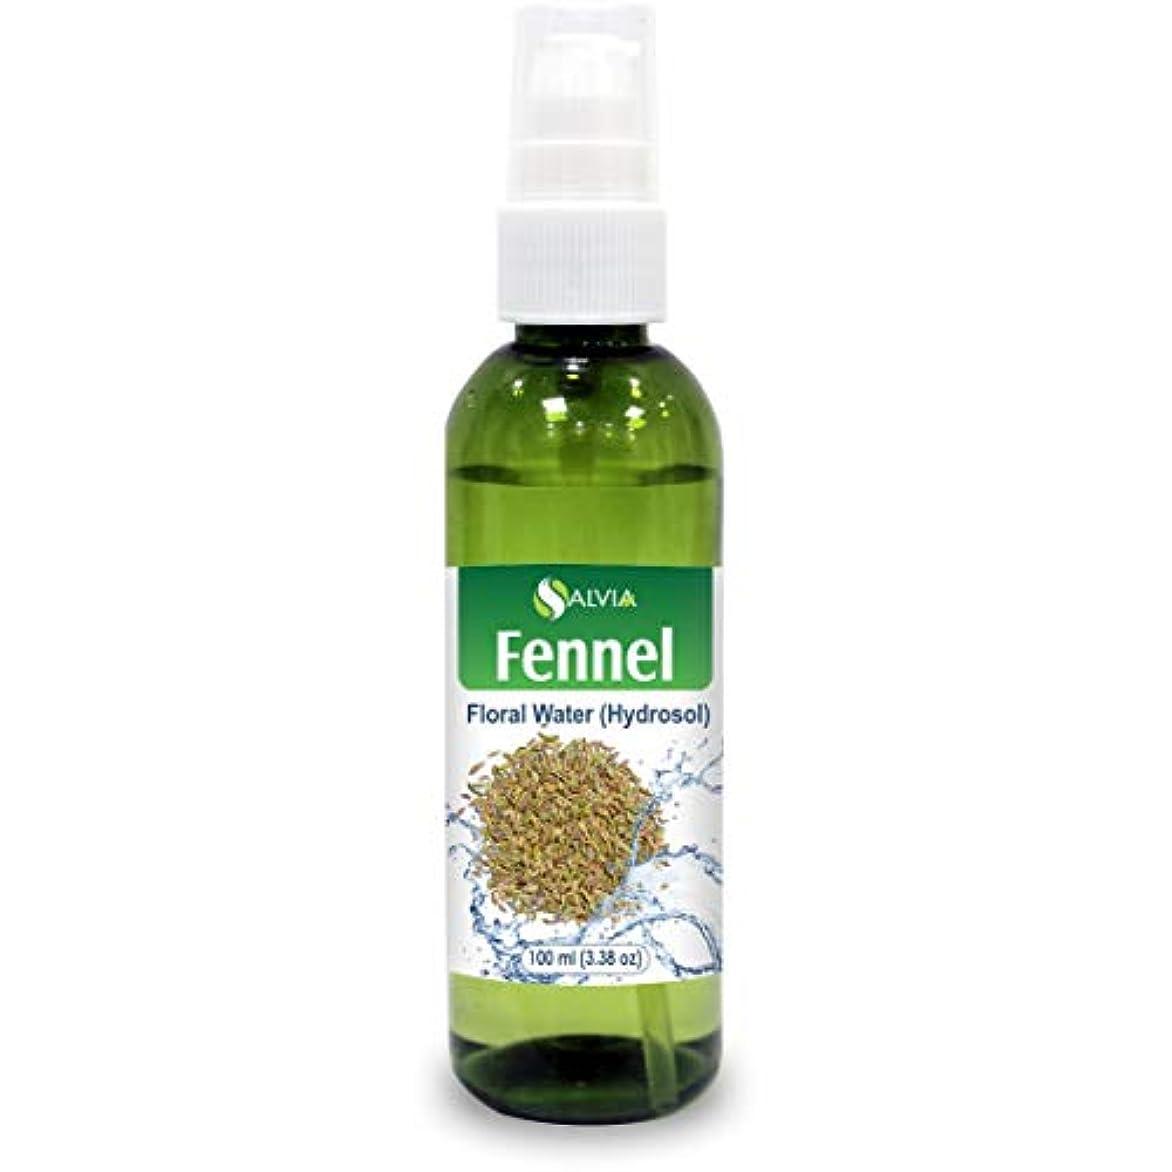 フレキシブルキャプチャースキムFennel Floral Water 100ml (Hydrosol) 100% Pure And Natural